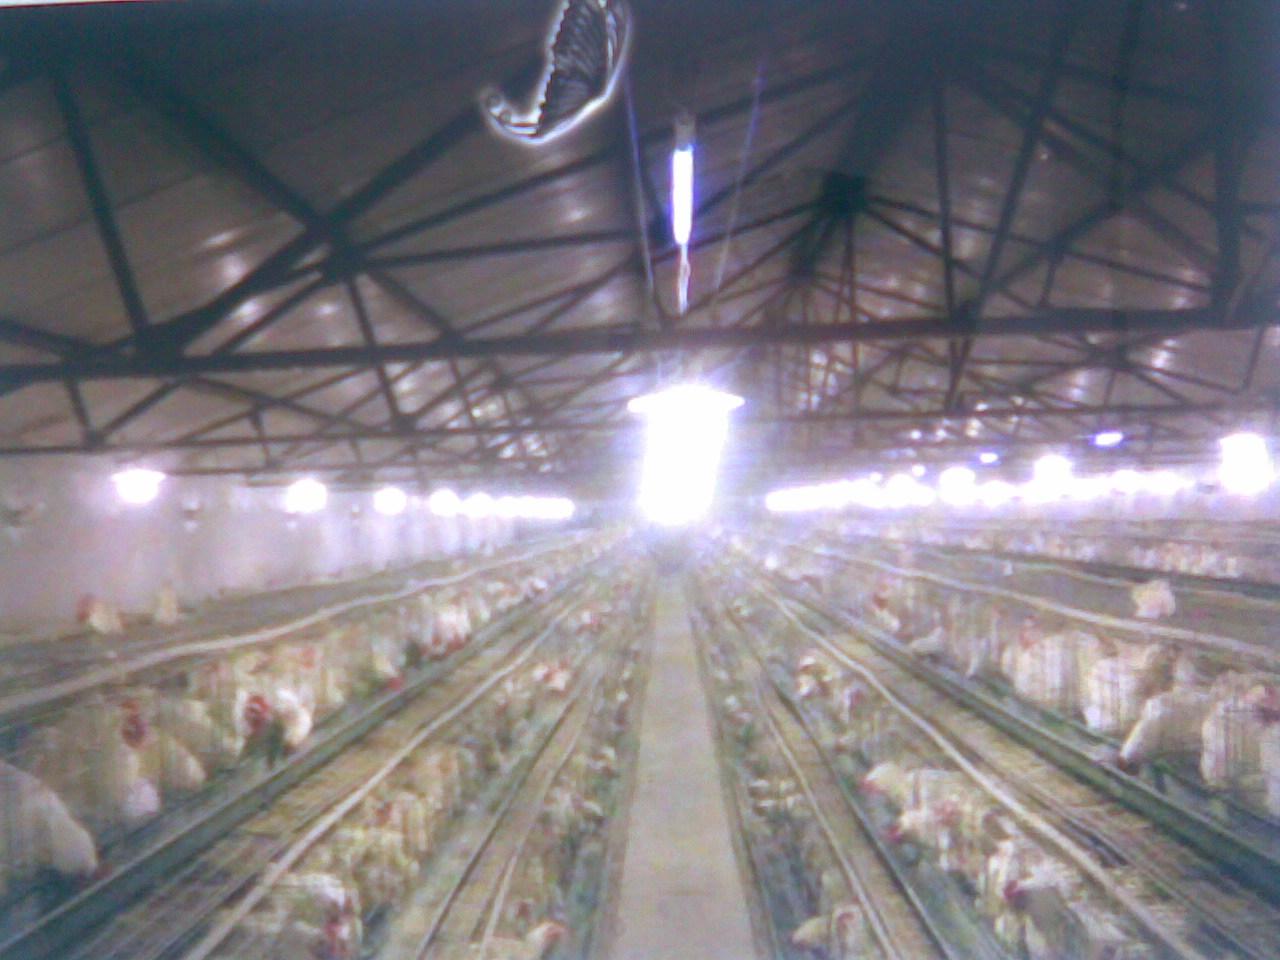 肉羊养殖场简介 土鸡蛋威县永胜蛋鸡养殖场259_中国养羊网; 图片